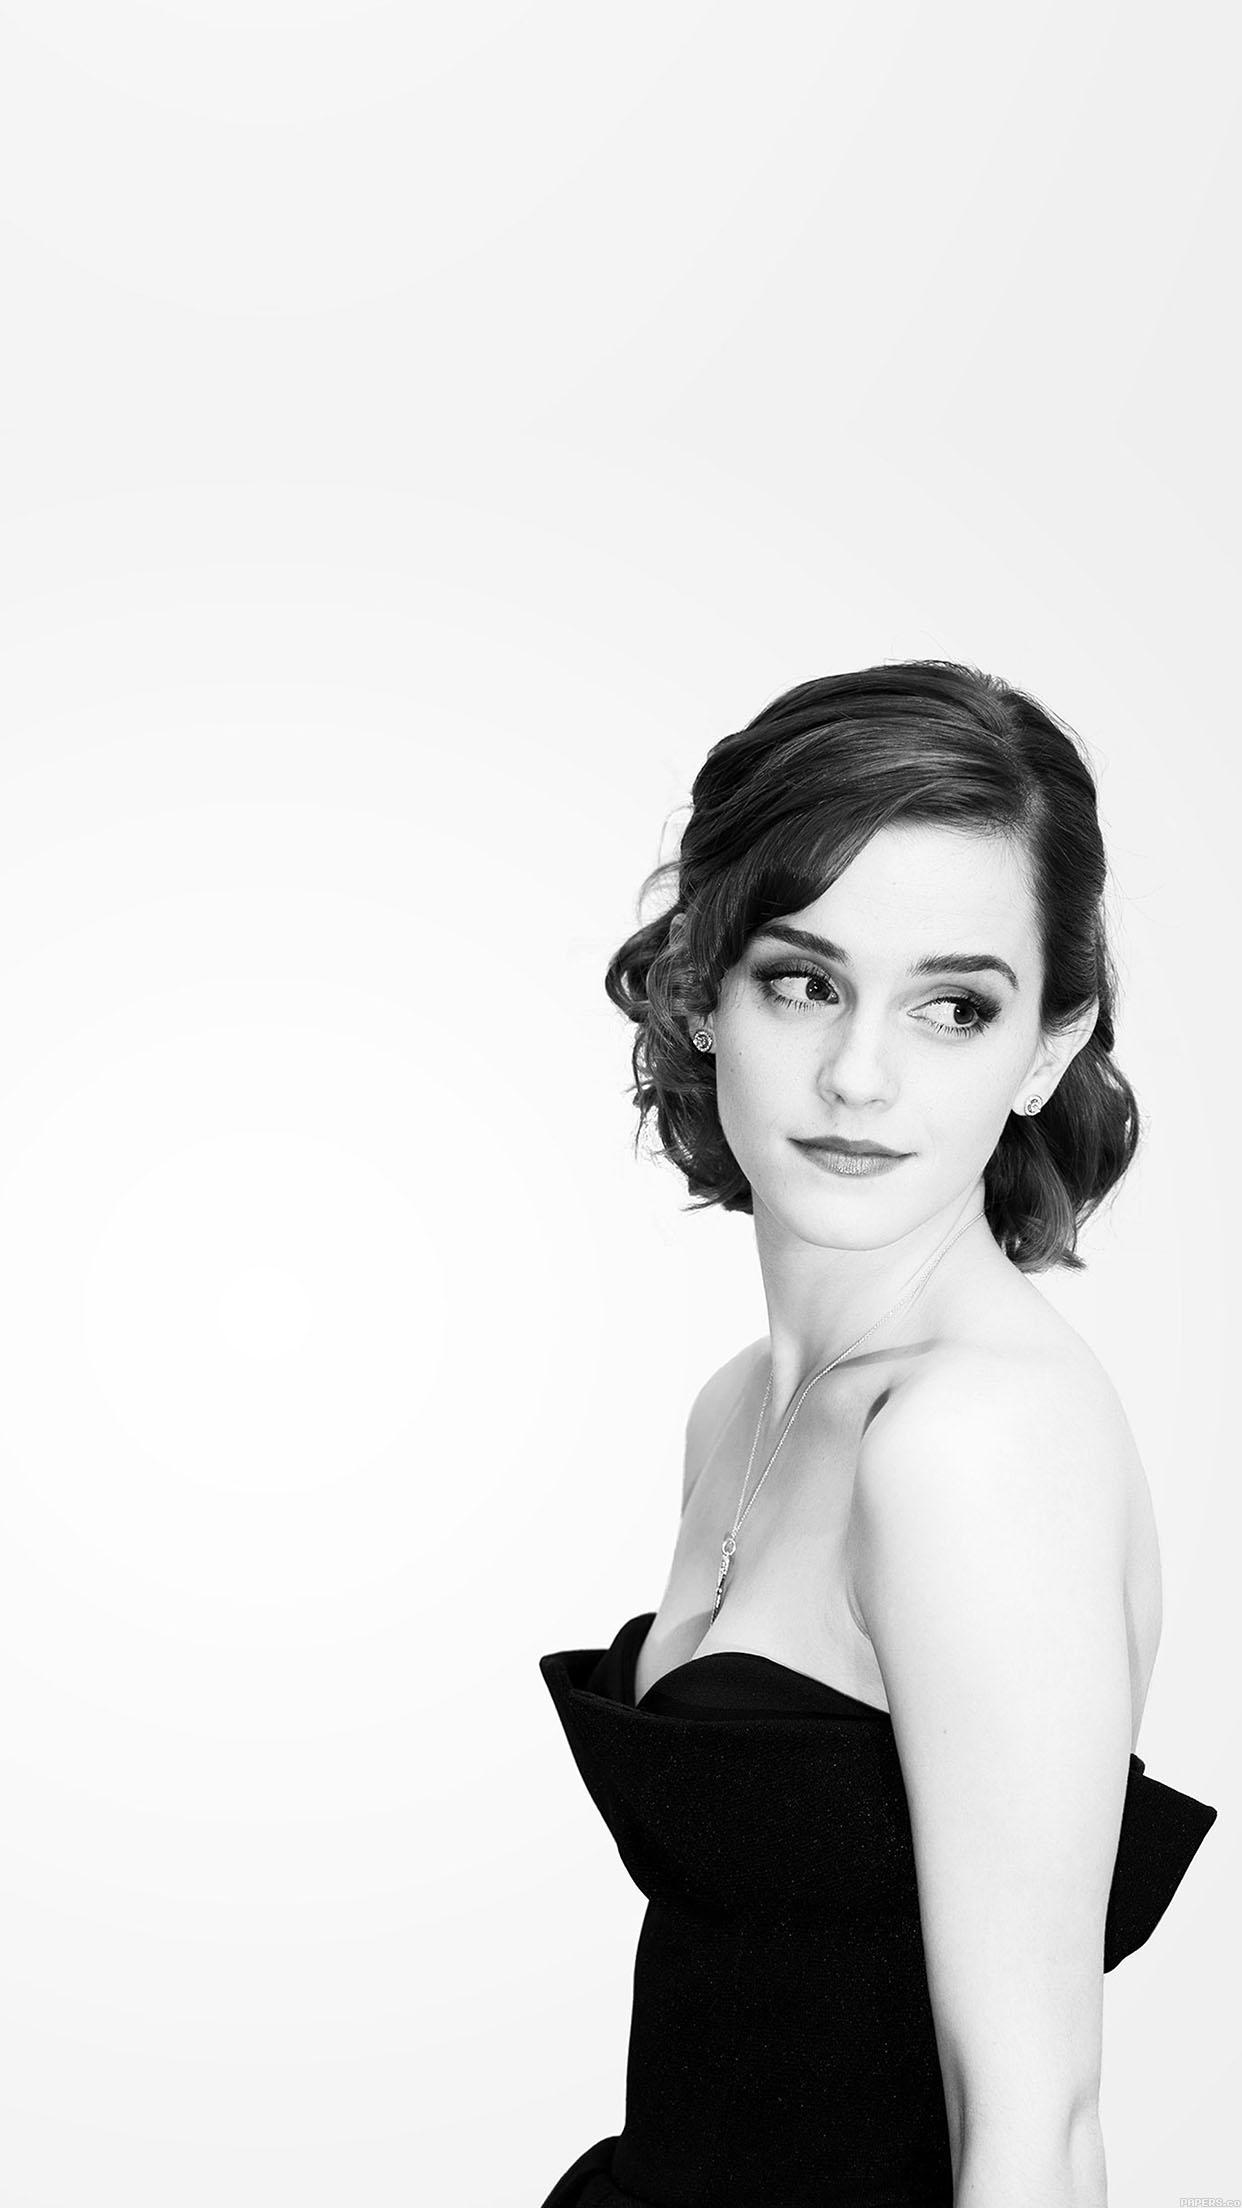 Ha19 watson emma in dress beauty girl film face - Emma watson iphone ...